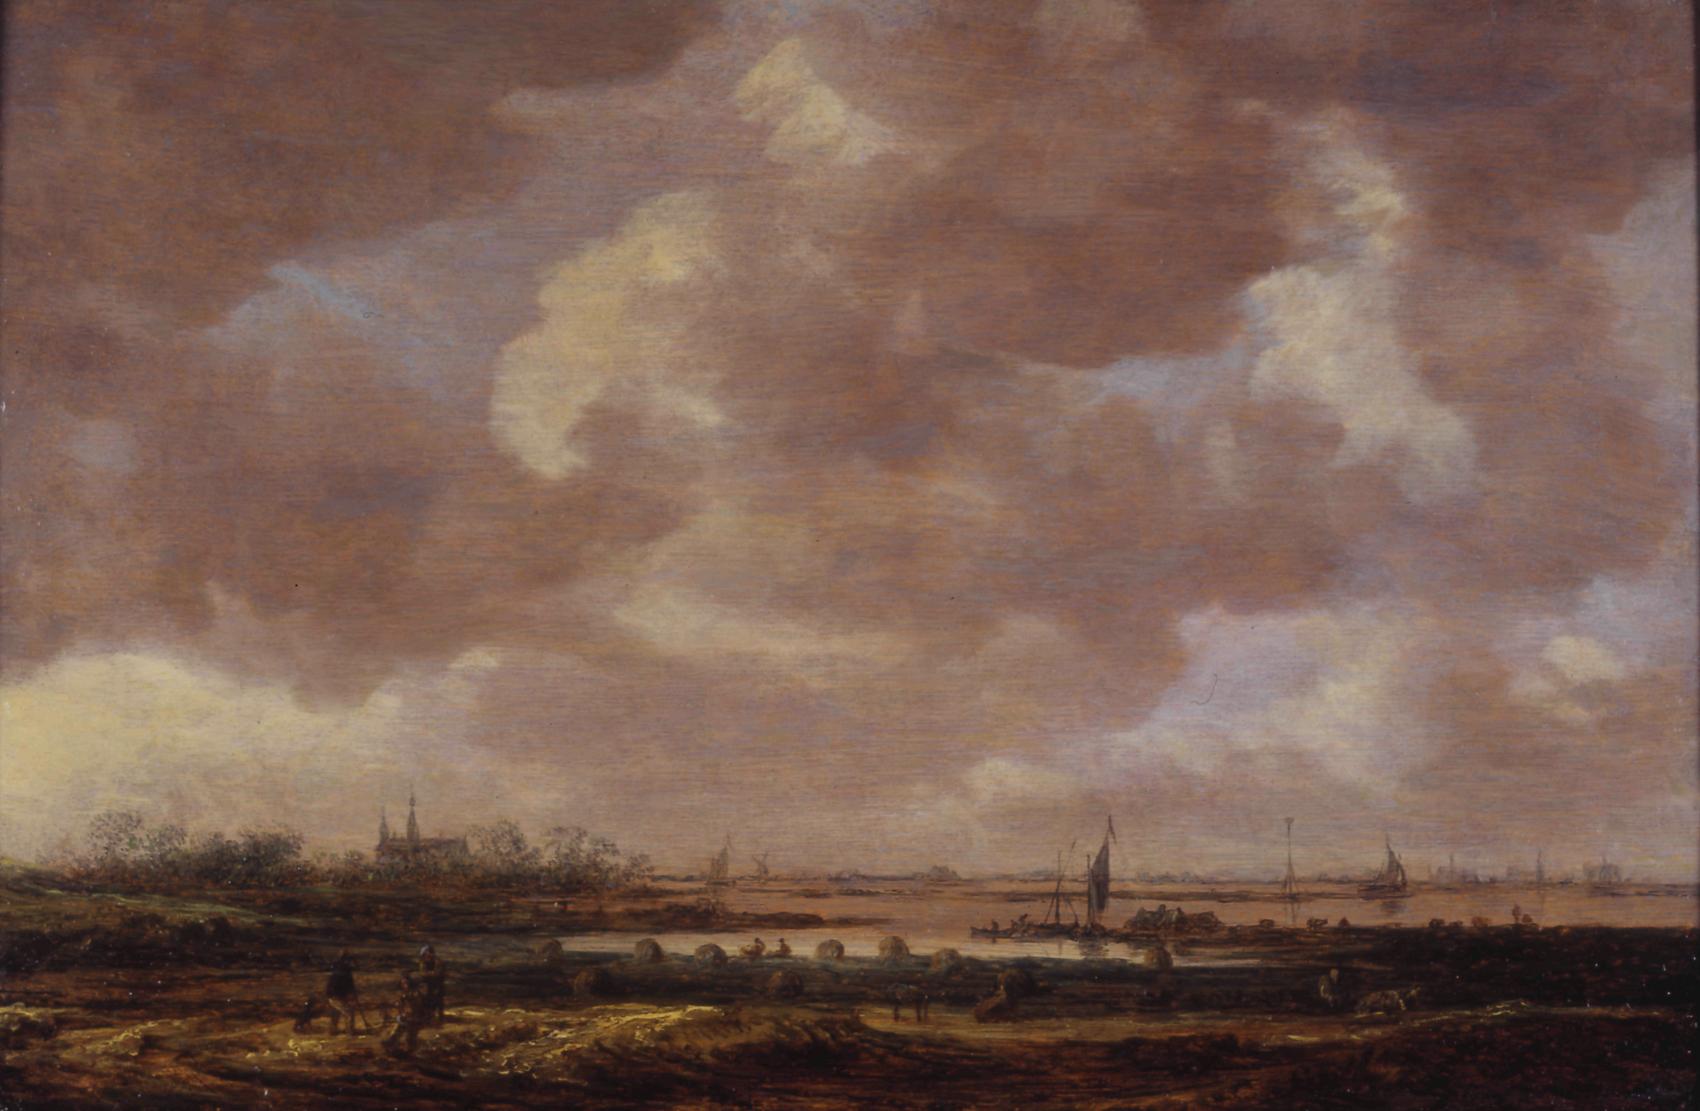 Jan van Goyen, Blick über eine weite Flachlandschaft, Courtesy Stiftung Situation Kunst, © 2010 die jeweiligen Künstlerinnen und Künstler bzw. deren Rechtsnachfolger